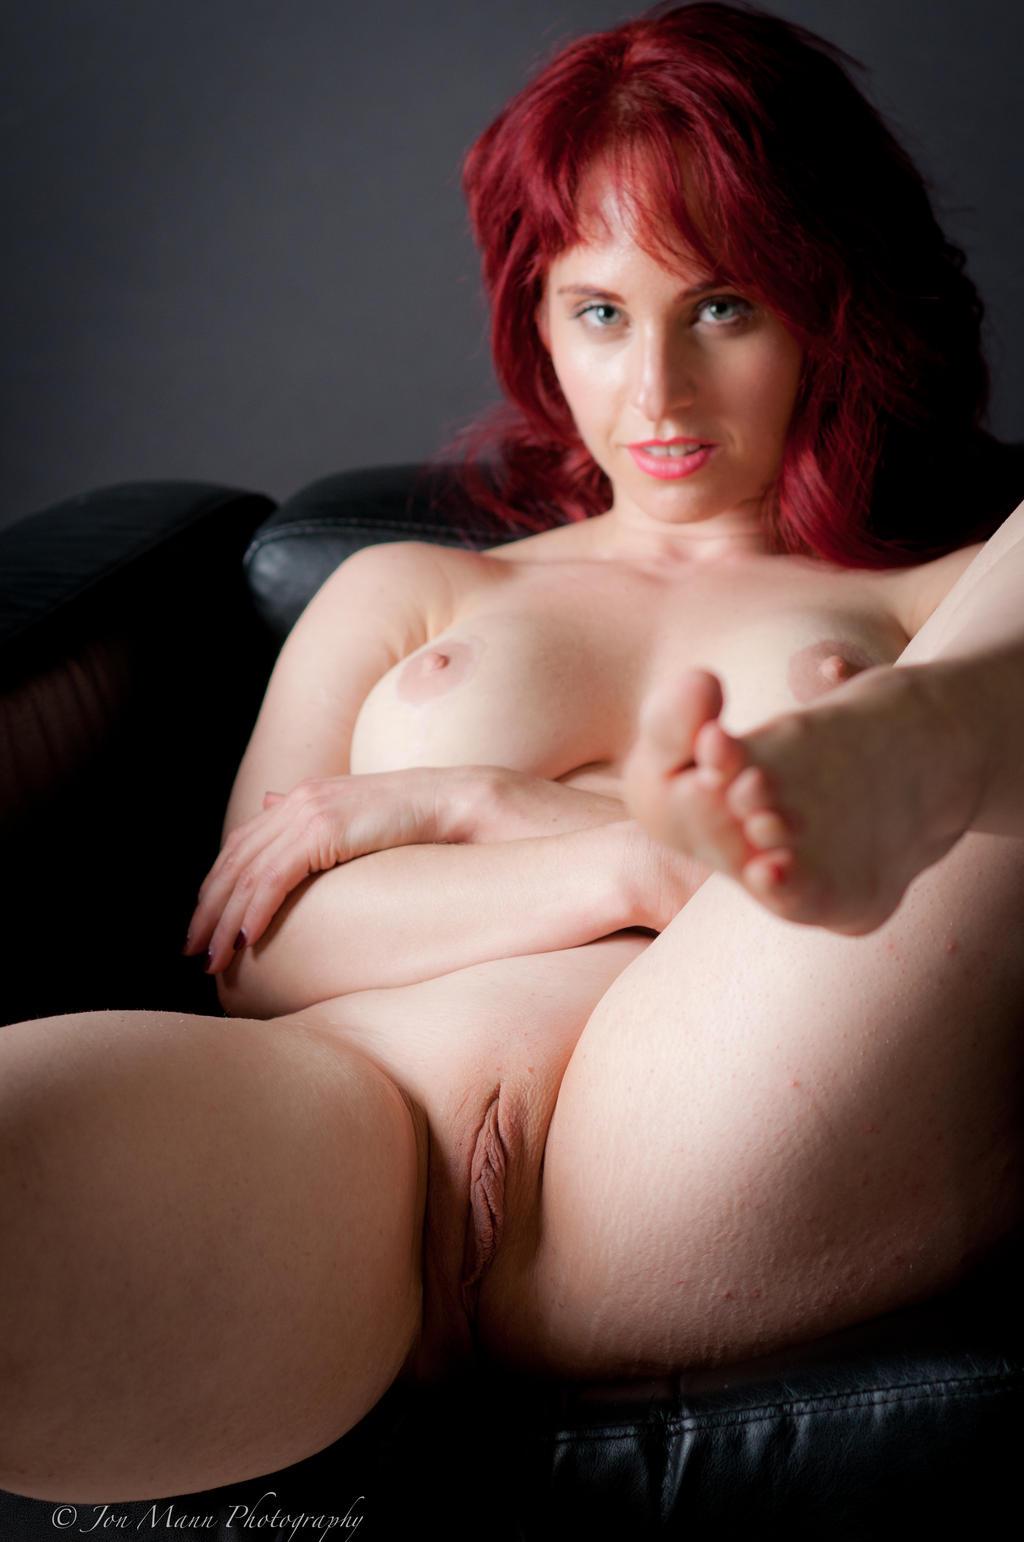 mallu reshma nude pics